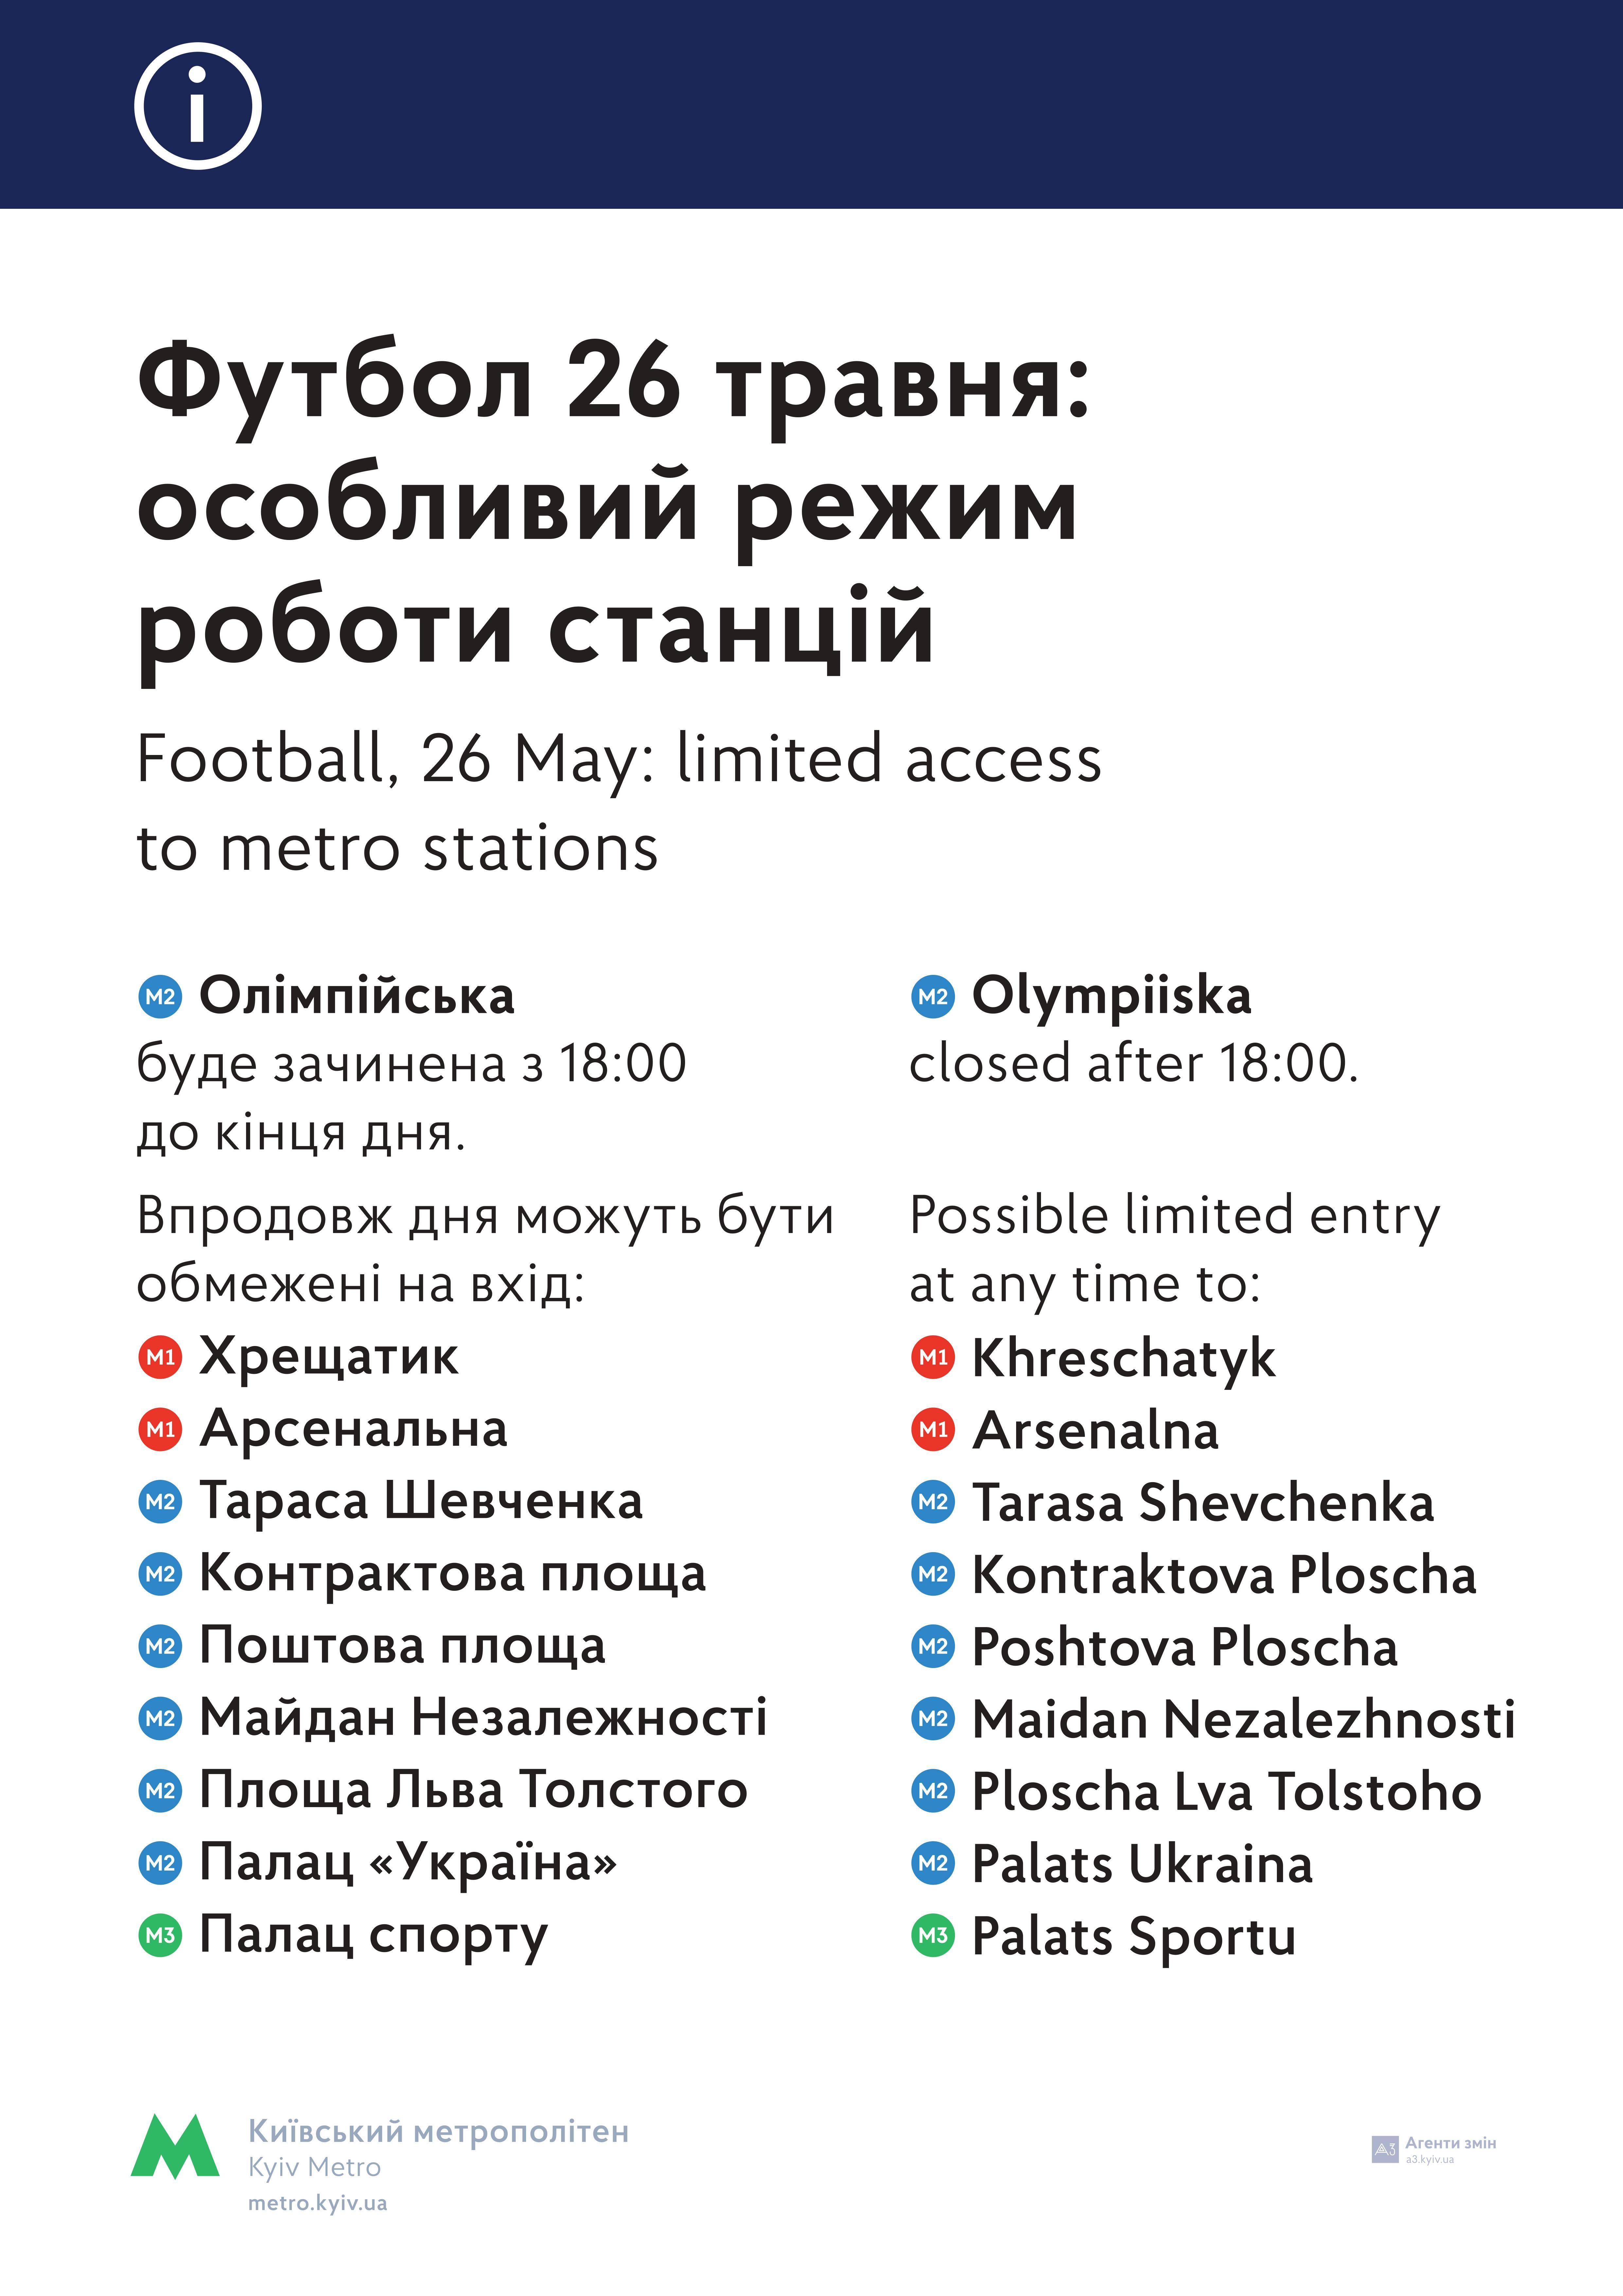 Финал ЛЧ: метро работает дольше, на улицах 10 тысяч силовиков